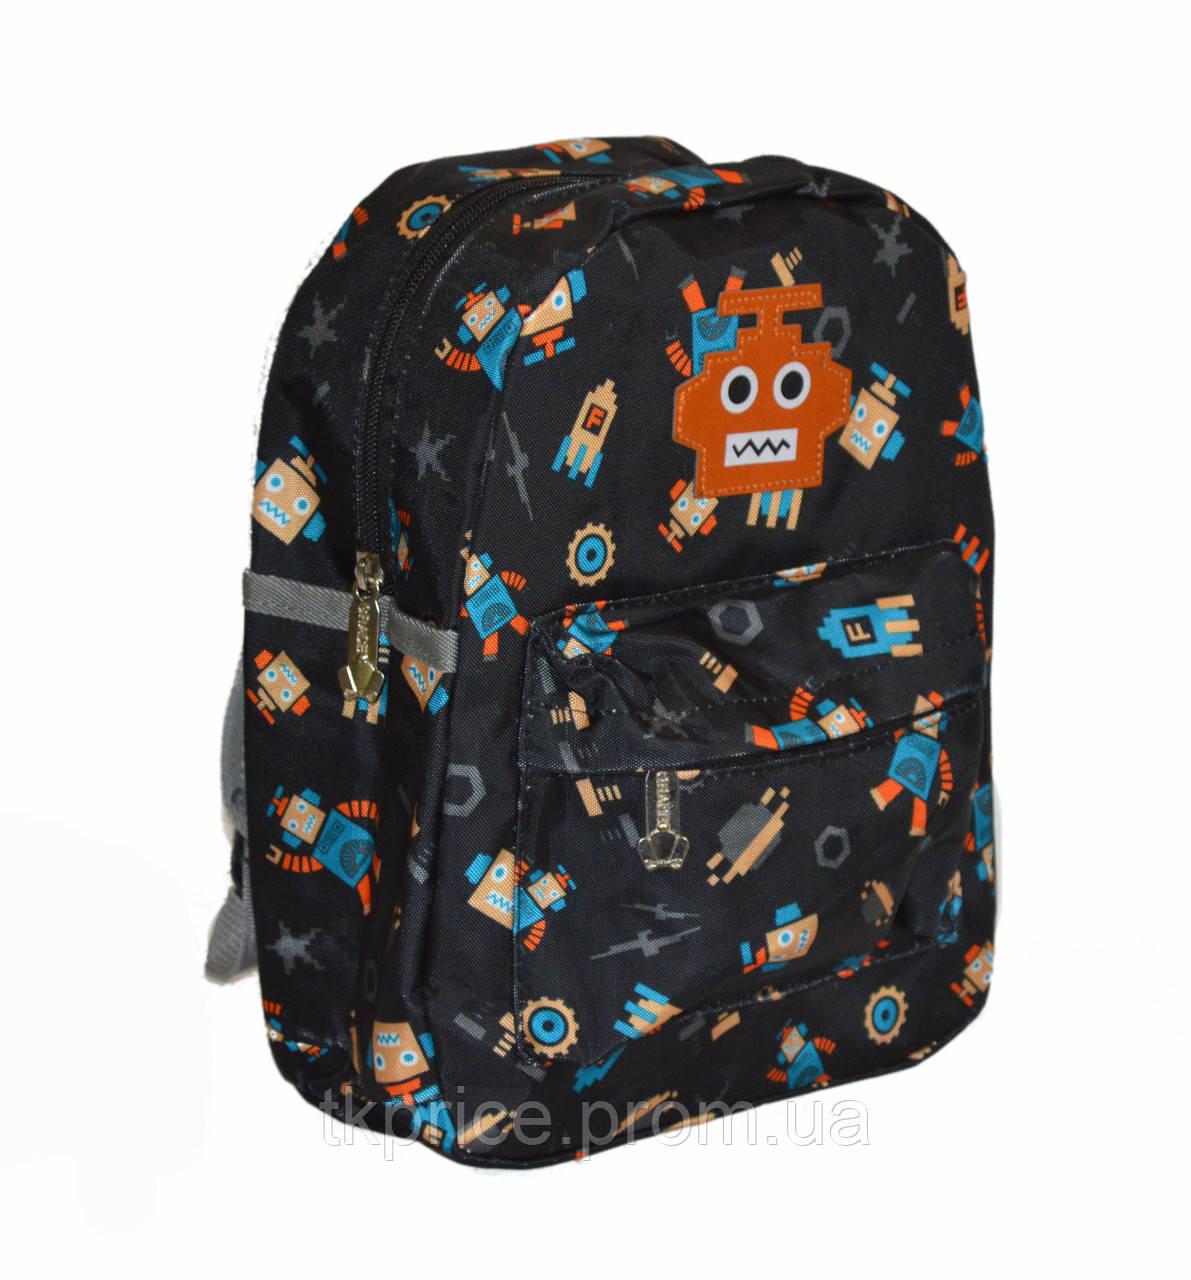 Детский рюкзак для мальчиков  черный